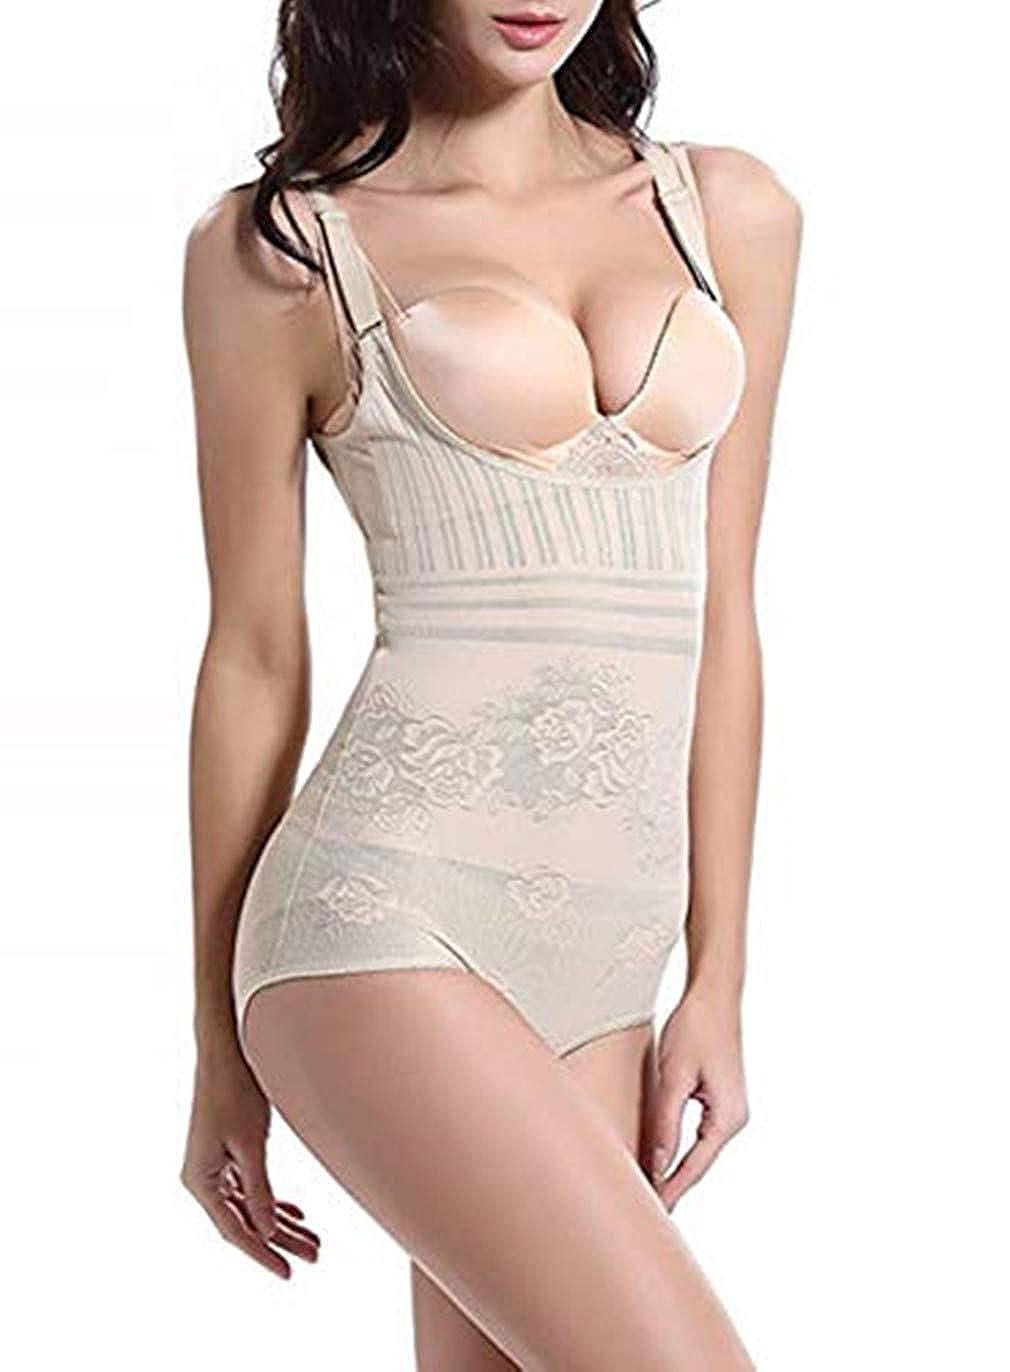 Acexy Shapewear Underwear Waist Butt ShaperBust Shapewear Firm Control Bodysuit for Women